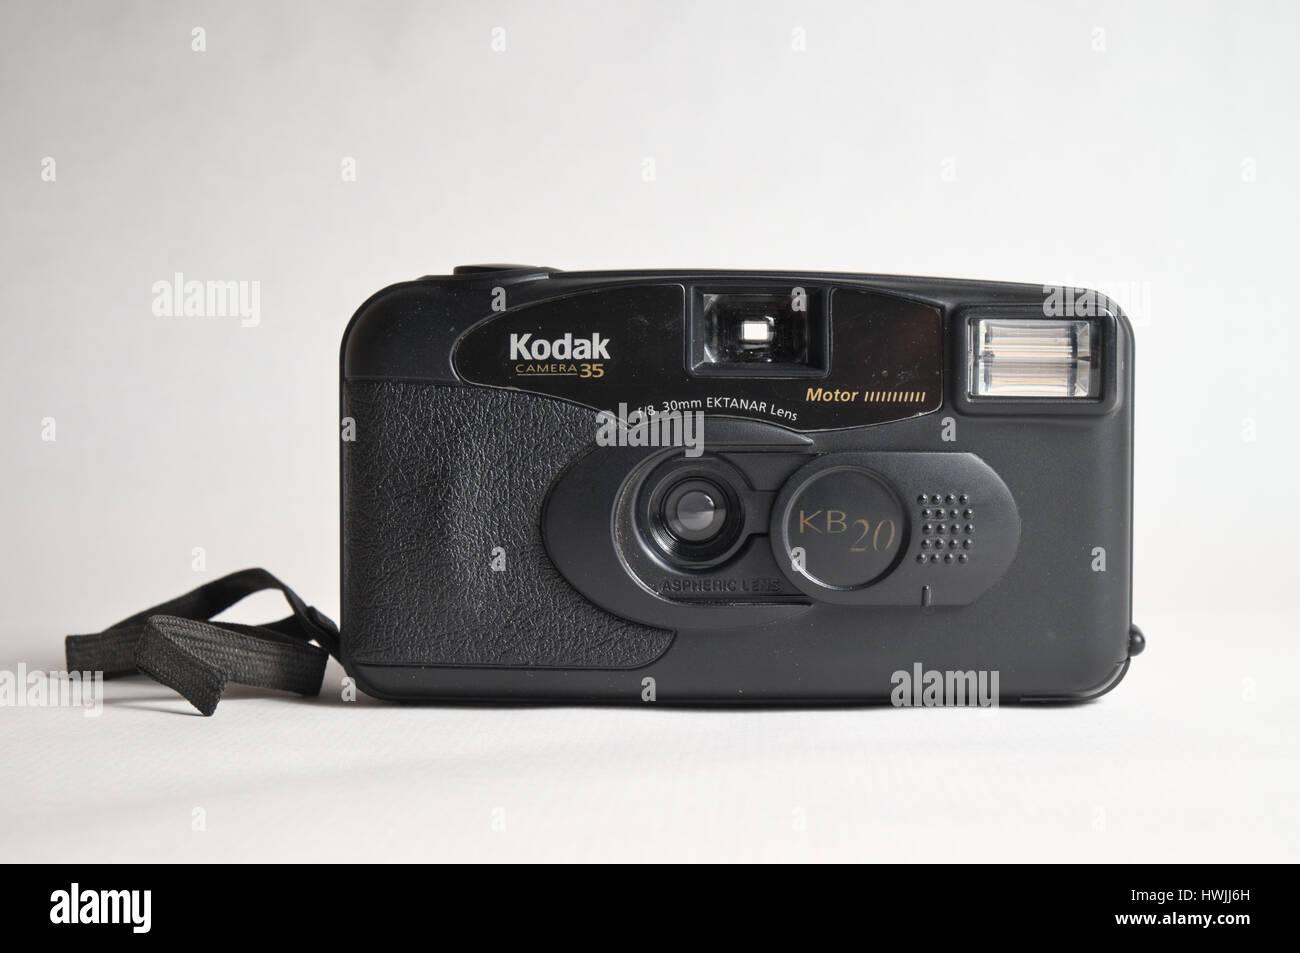 Antigua cámara analógica de Kodak, modelo kb20. Cámara compacta de película de 35 mm con lente ektanar 30mm a f/8, Foto de stock